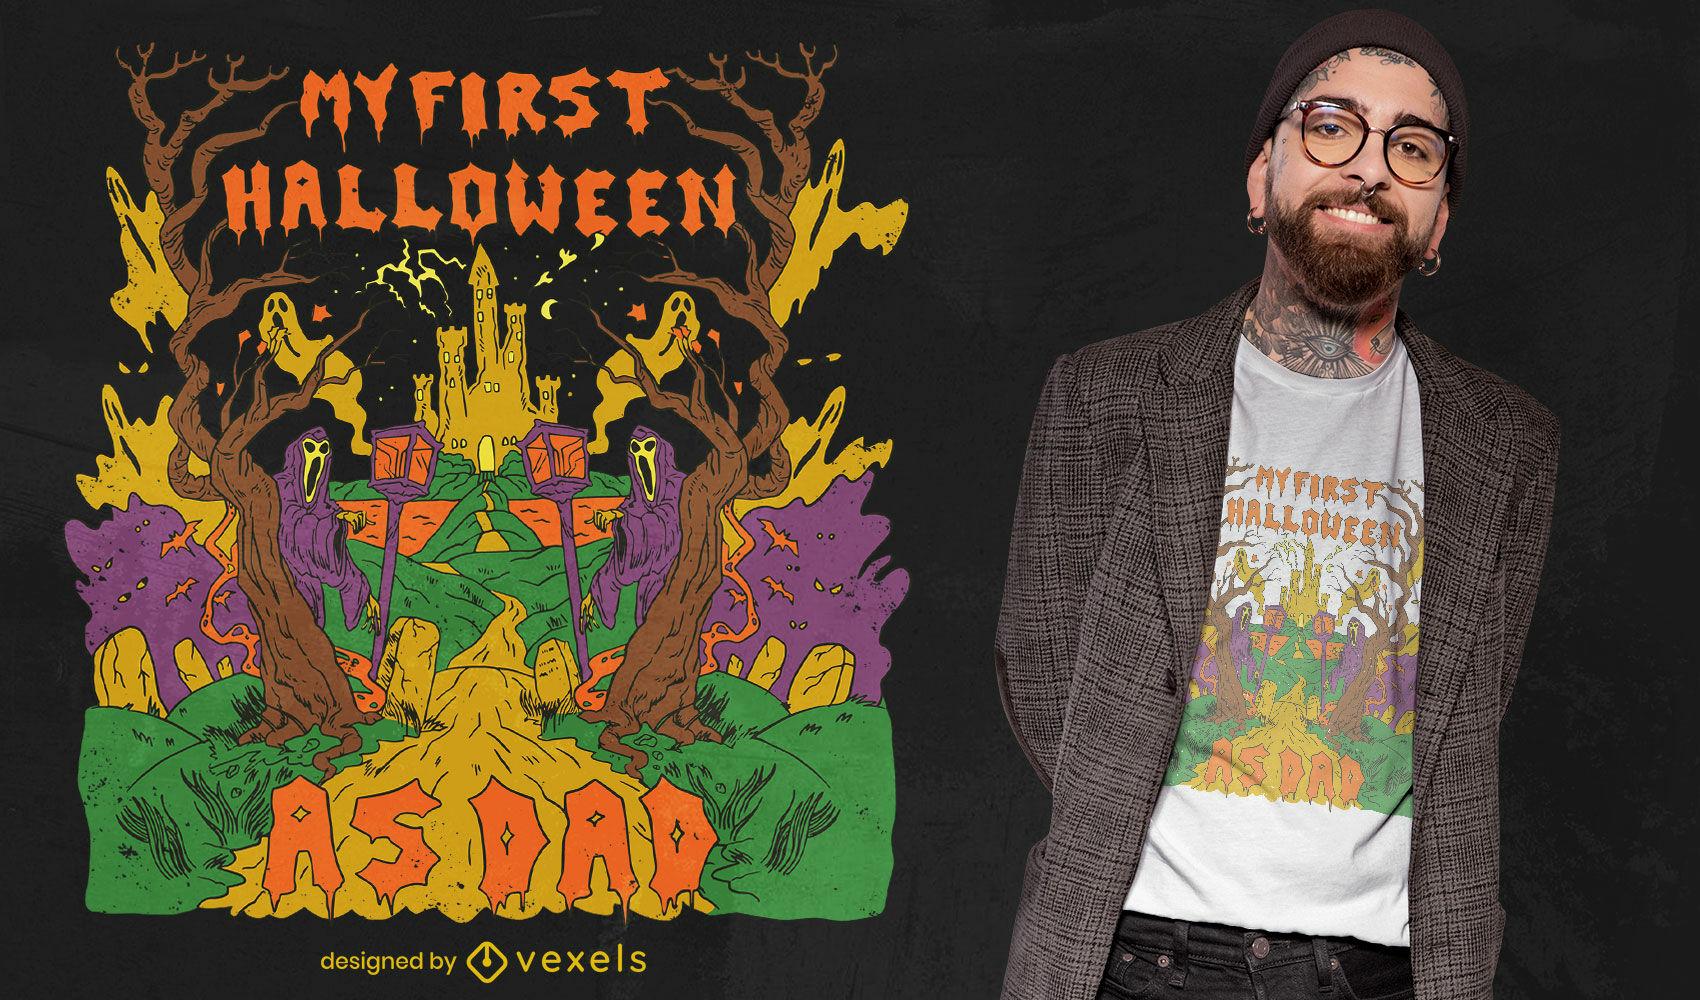 First dad halloween t-shirt design